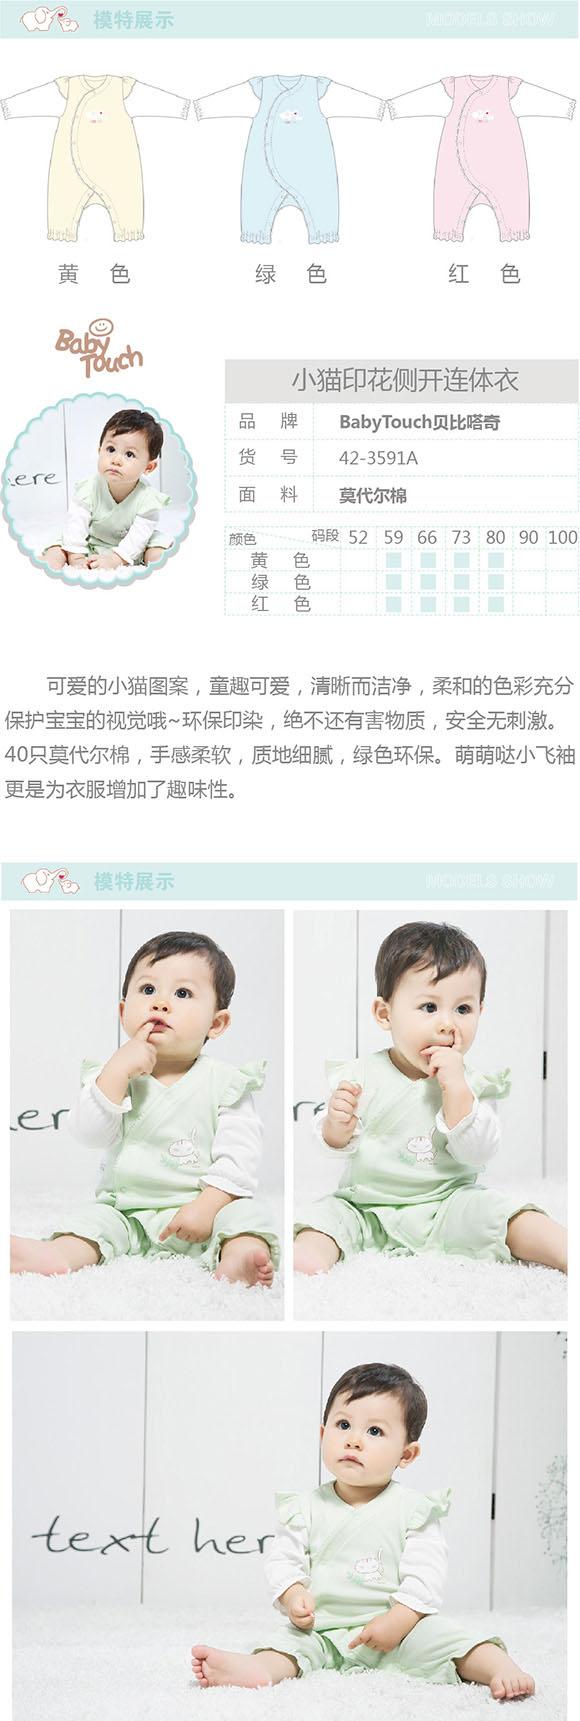 首页 杭州珏晨服饰有限公司 >> 贝比嗒奇喵喵猫莫代尔棉连体衣